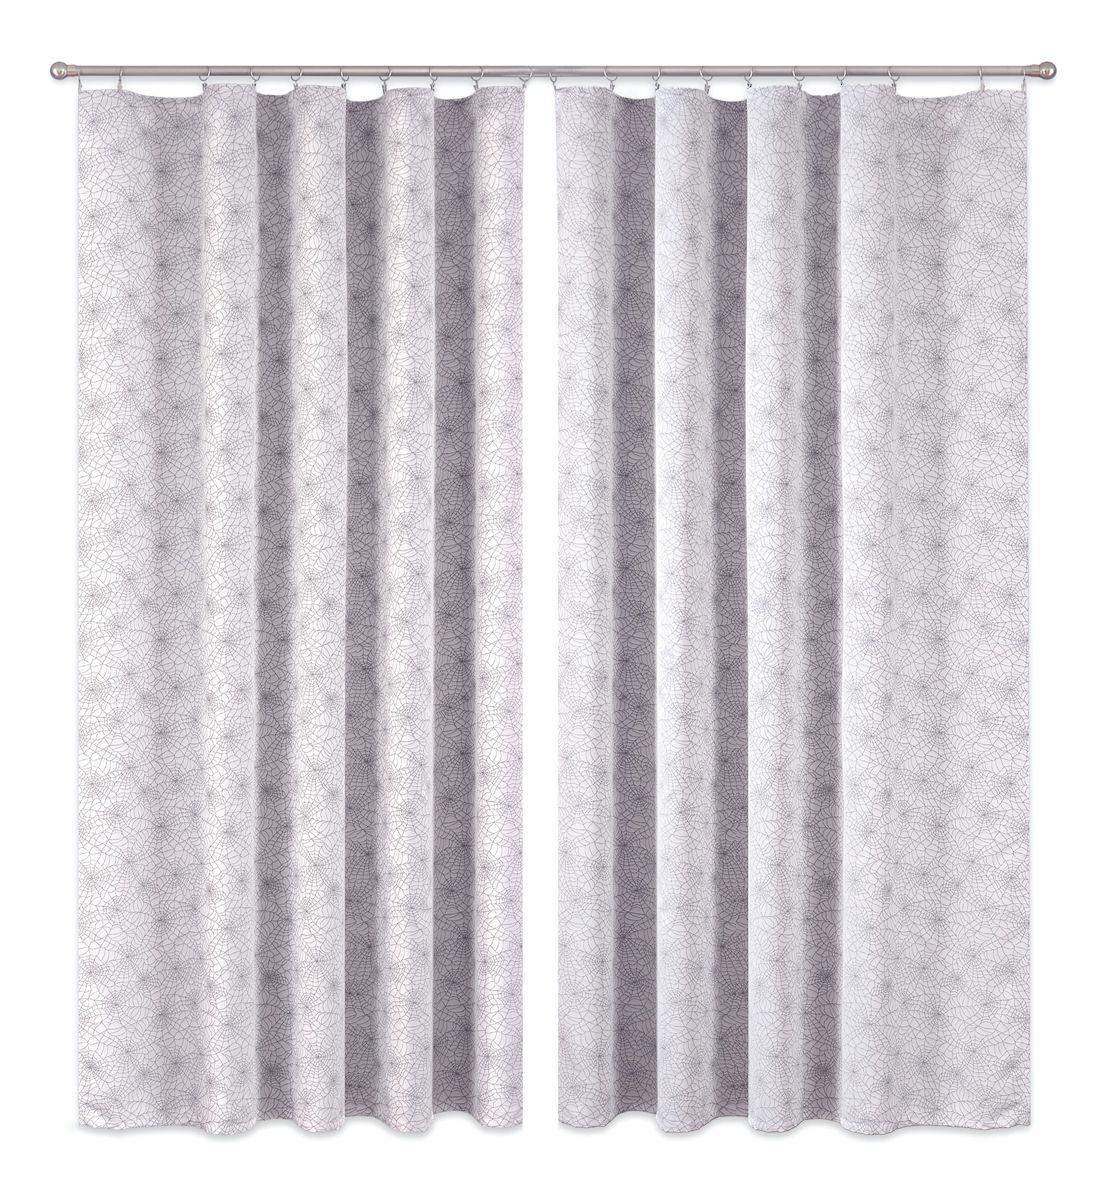 Комплект штор P Primavera Firany, цвет: серый, высота 270 см. 111000282179_ЛЕНТАКомплект шториз полиэстровой жаккардовой ткани с пришитой шторнойлентой. Размер - ширина 180 см высота 270см. Набор 2 штуки. Цвет серый.Размер: ширина 180 х высота 270